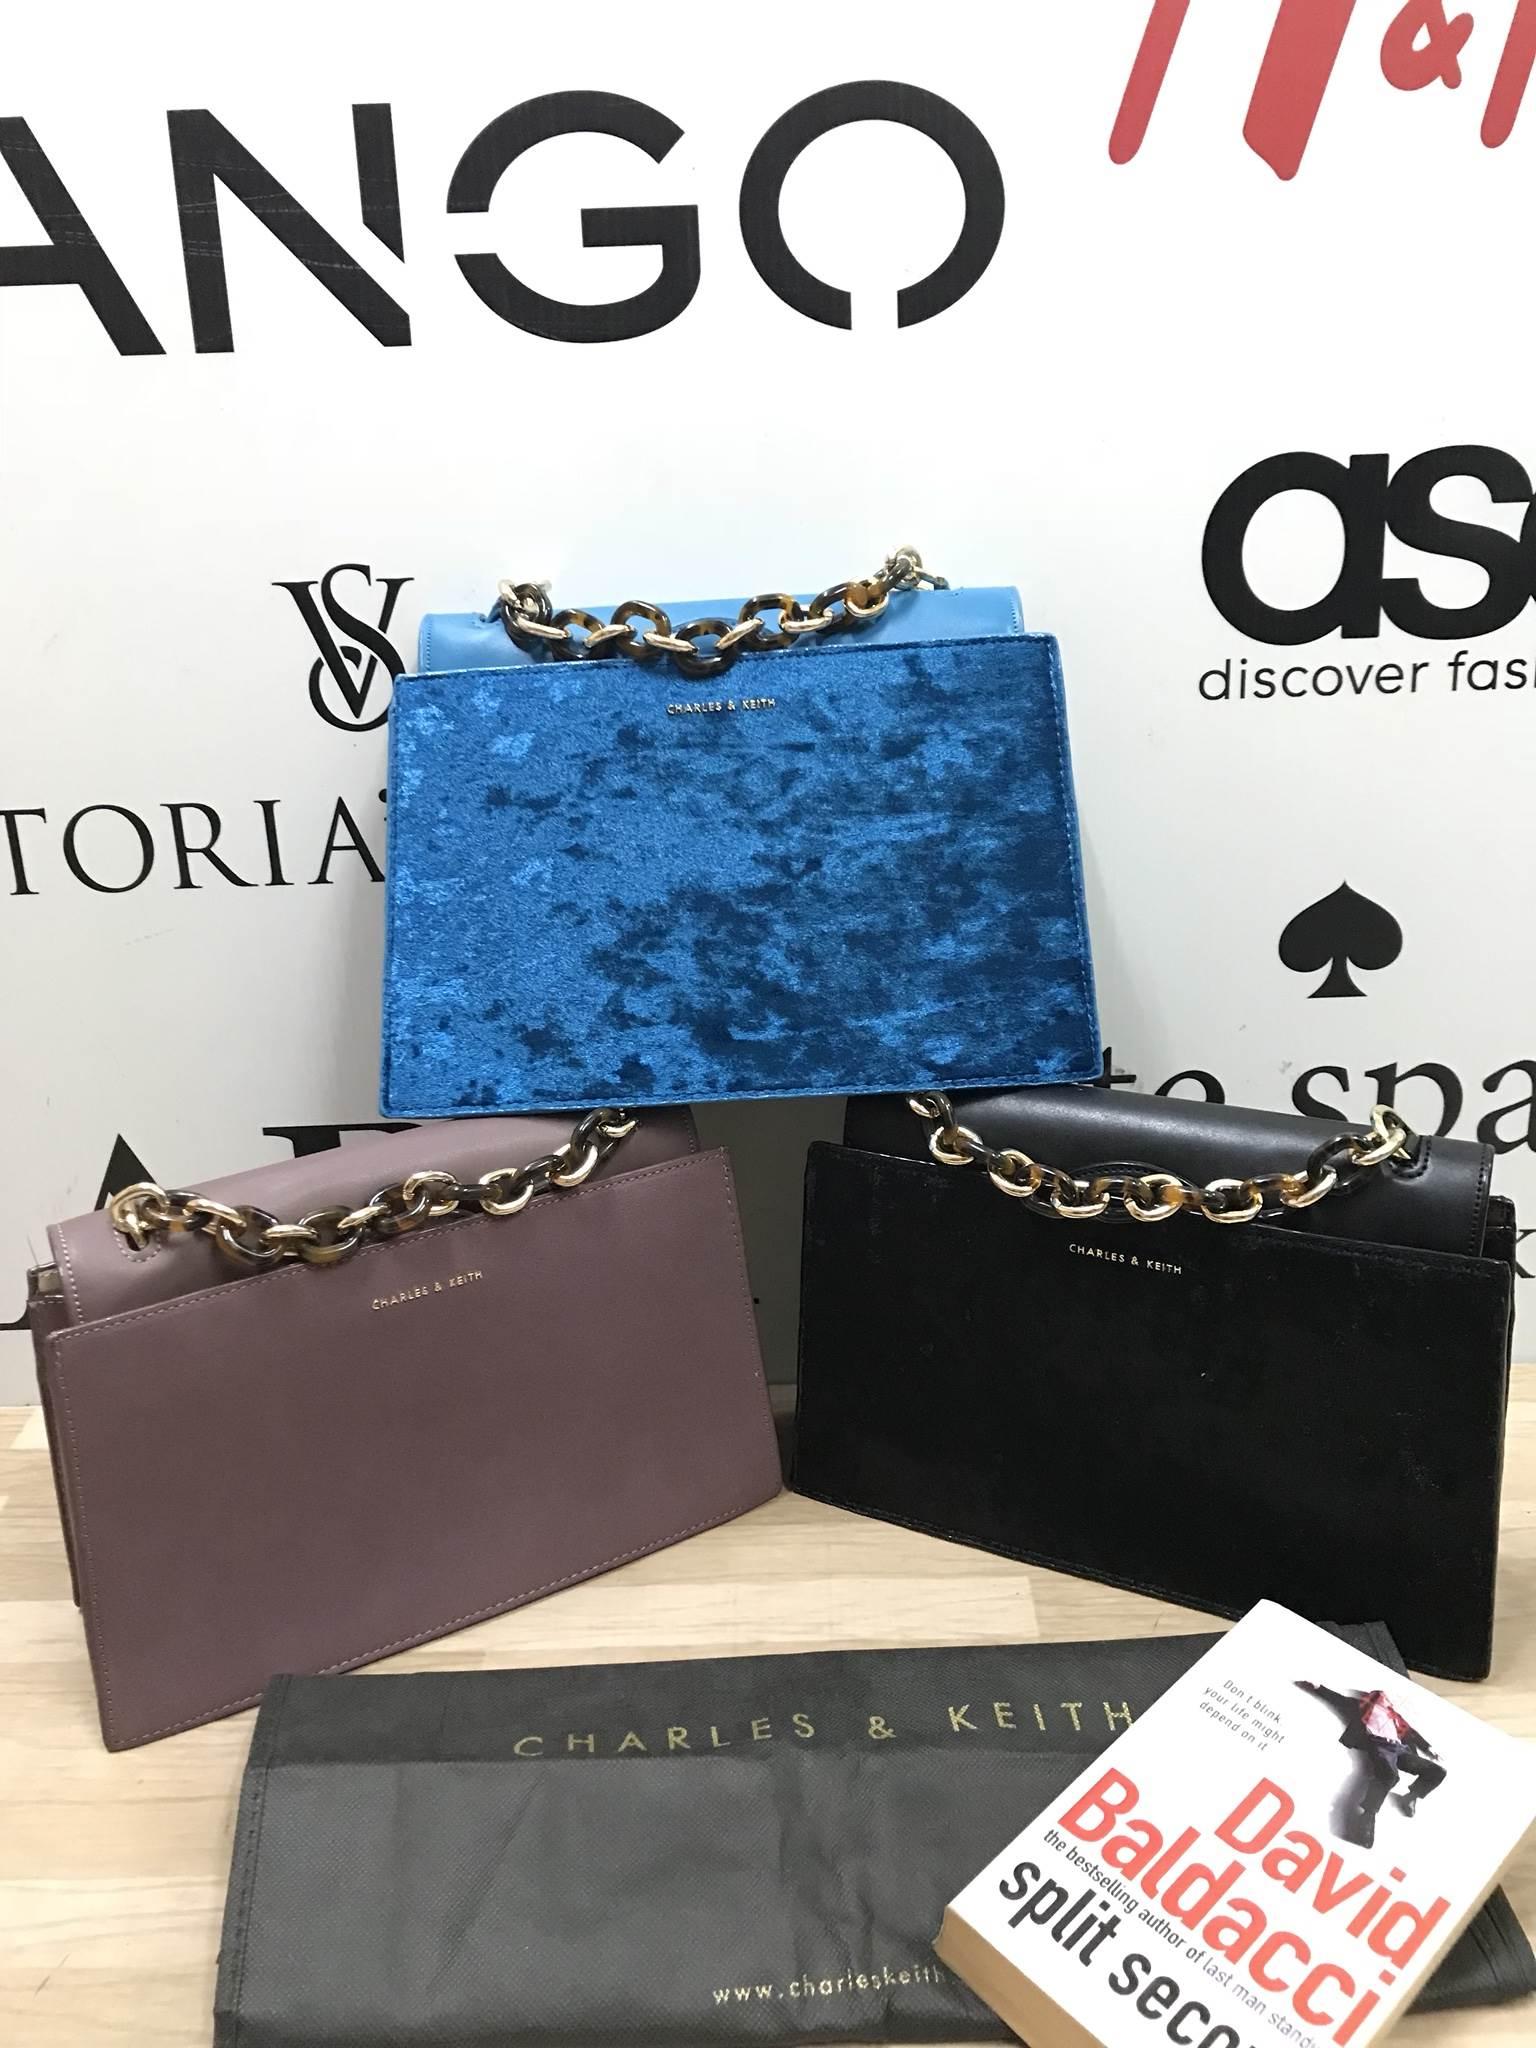 Charles & Keith Chain Top Handle Handbag